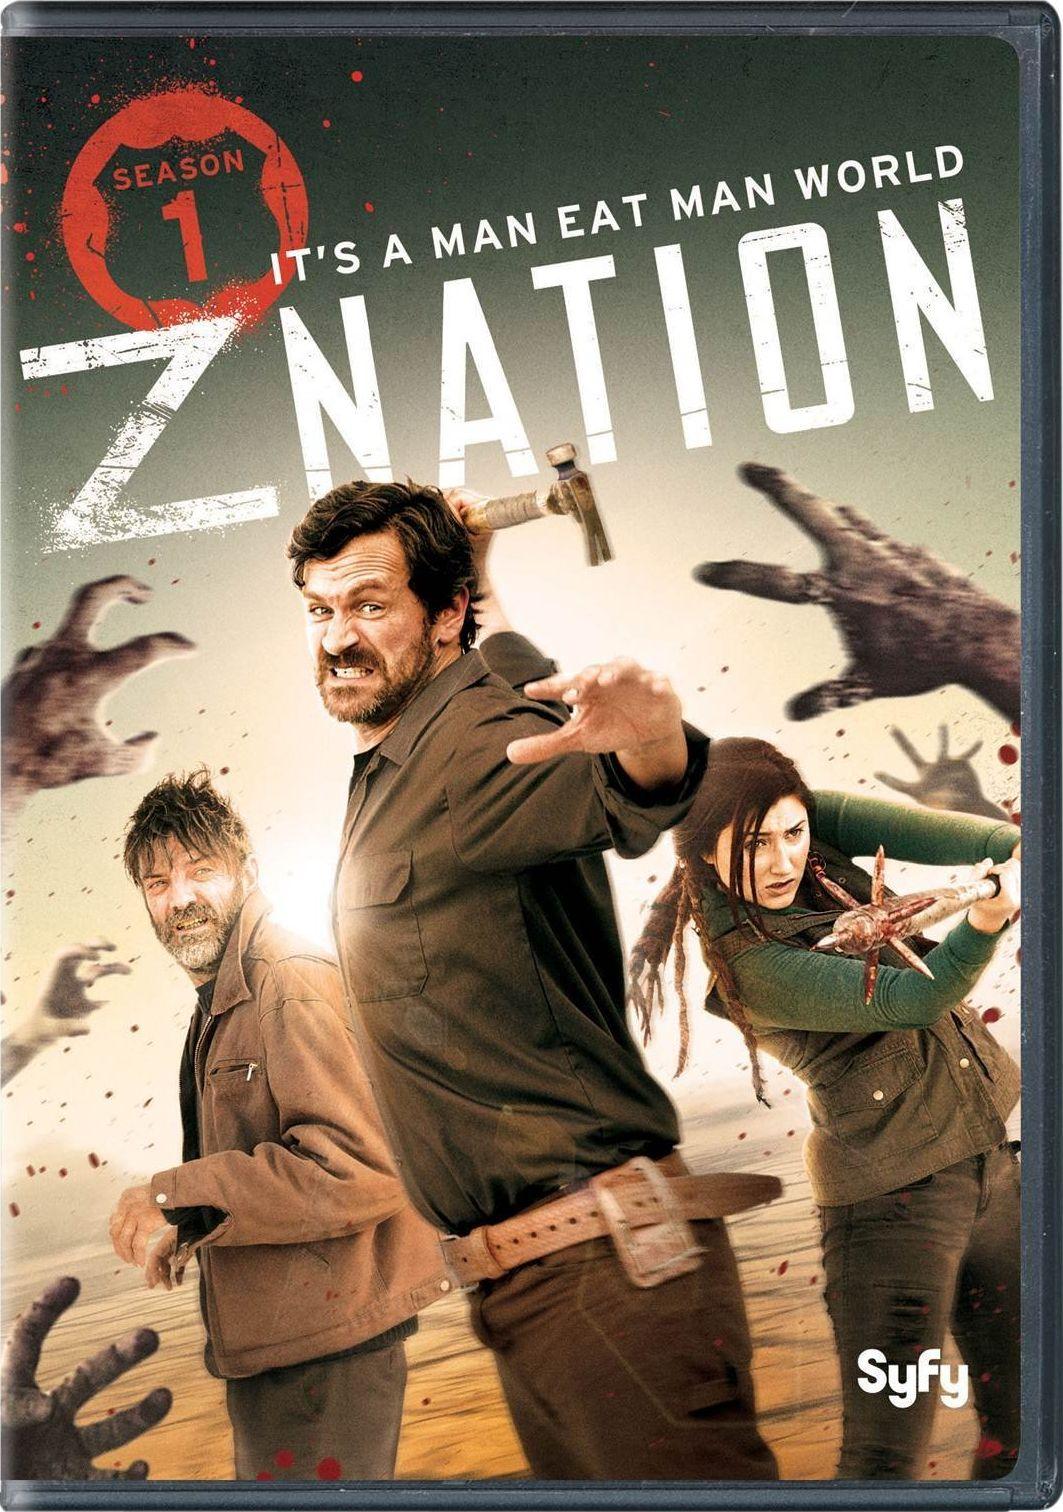 Z Nation Season One DVD Review